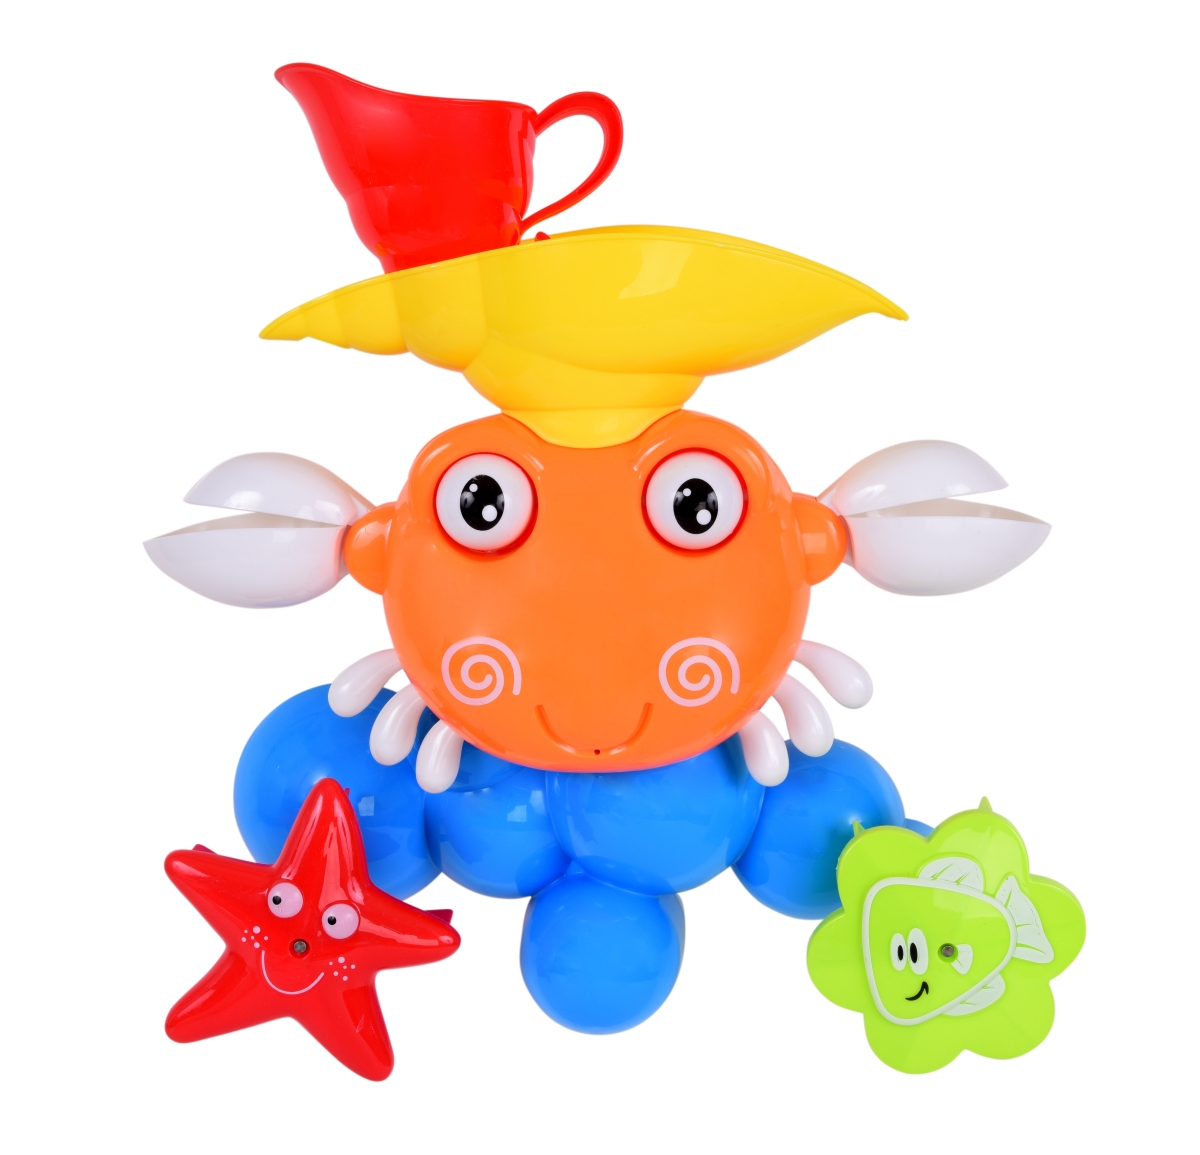 Veselý krab s otočným vodním mlýnkem